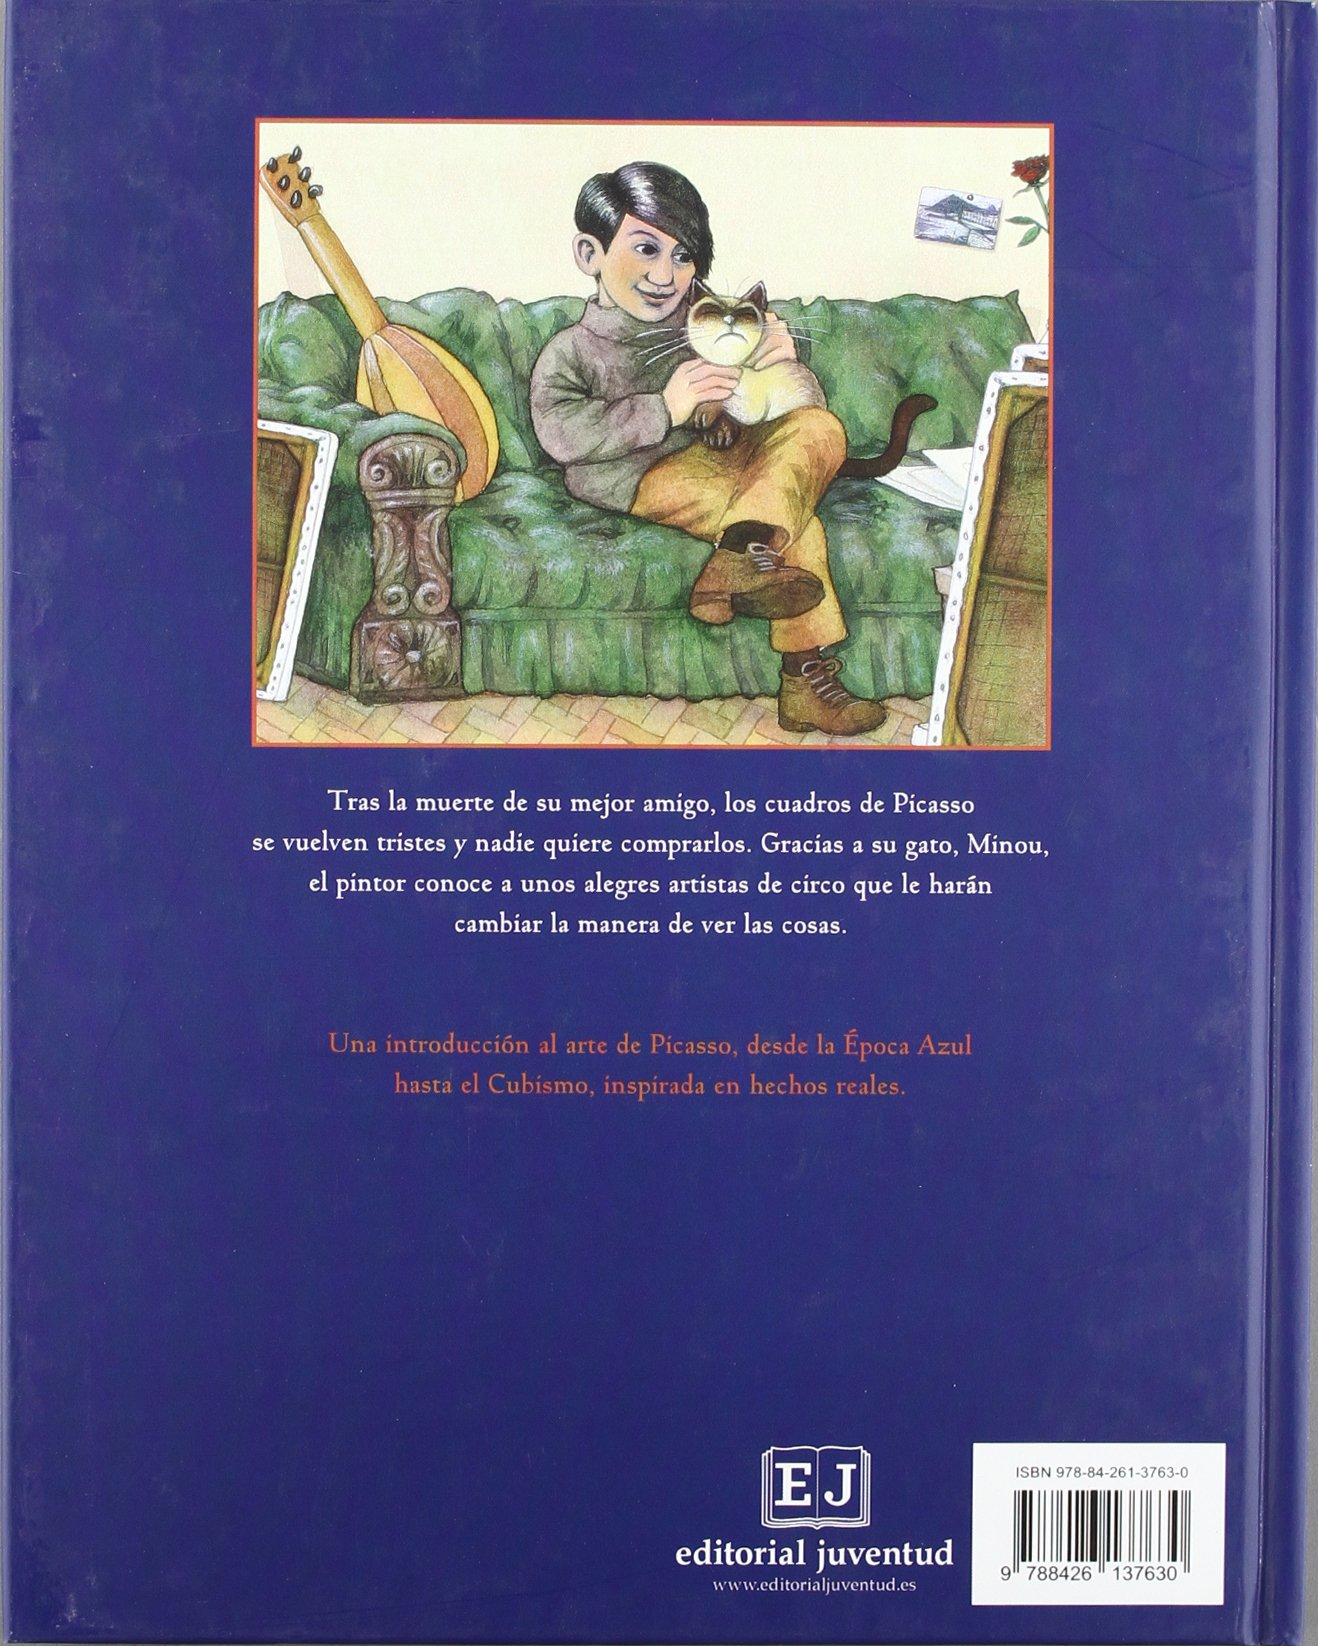 Picasso y Minou / Picasso and Minou (Spanish Edition): P. I. Maltbie, Pau Estrada: 9788426137630: Amazon.com: Books